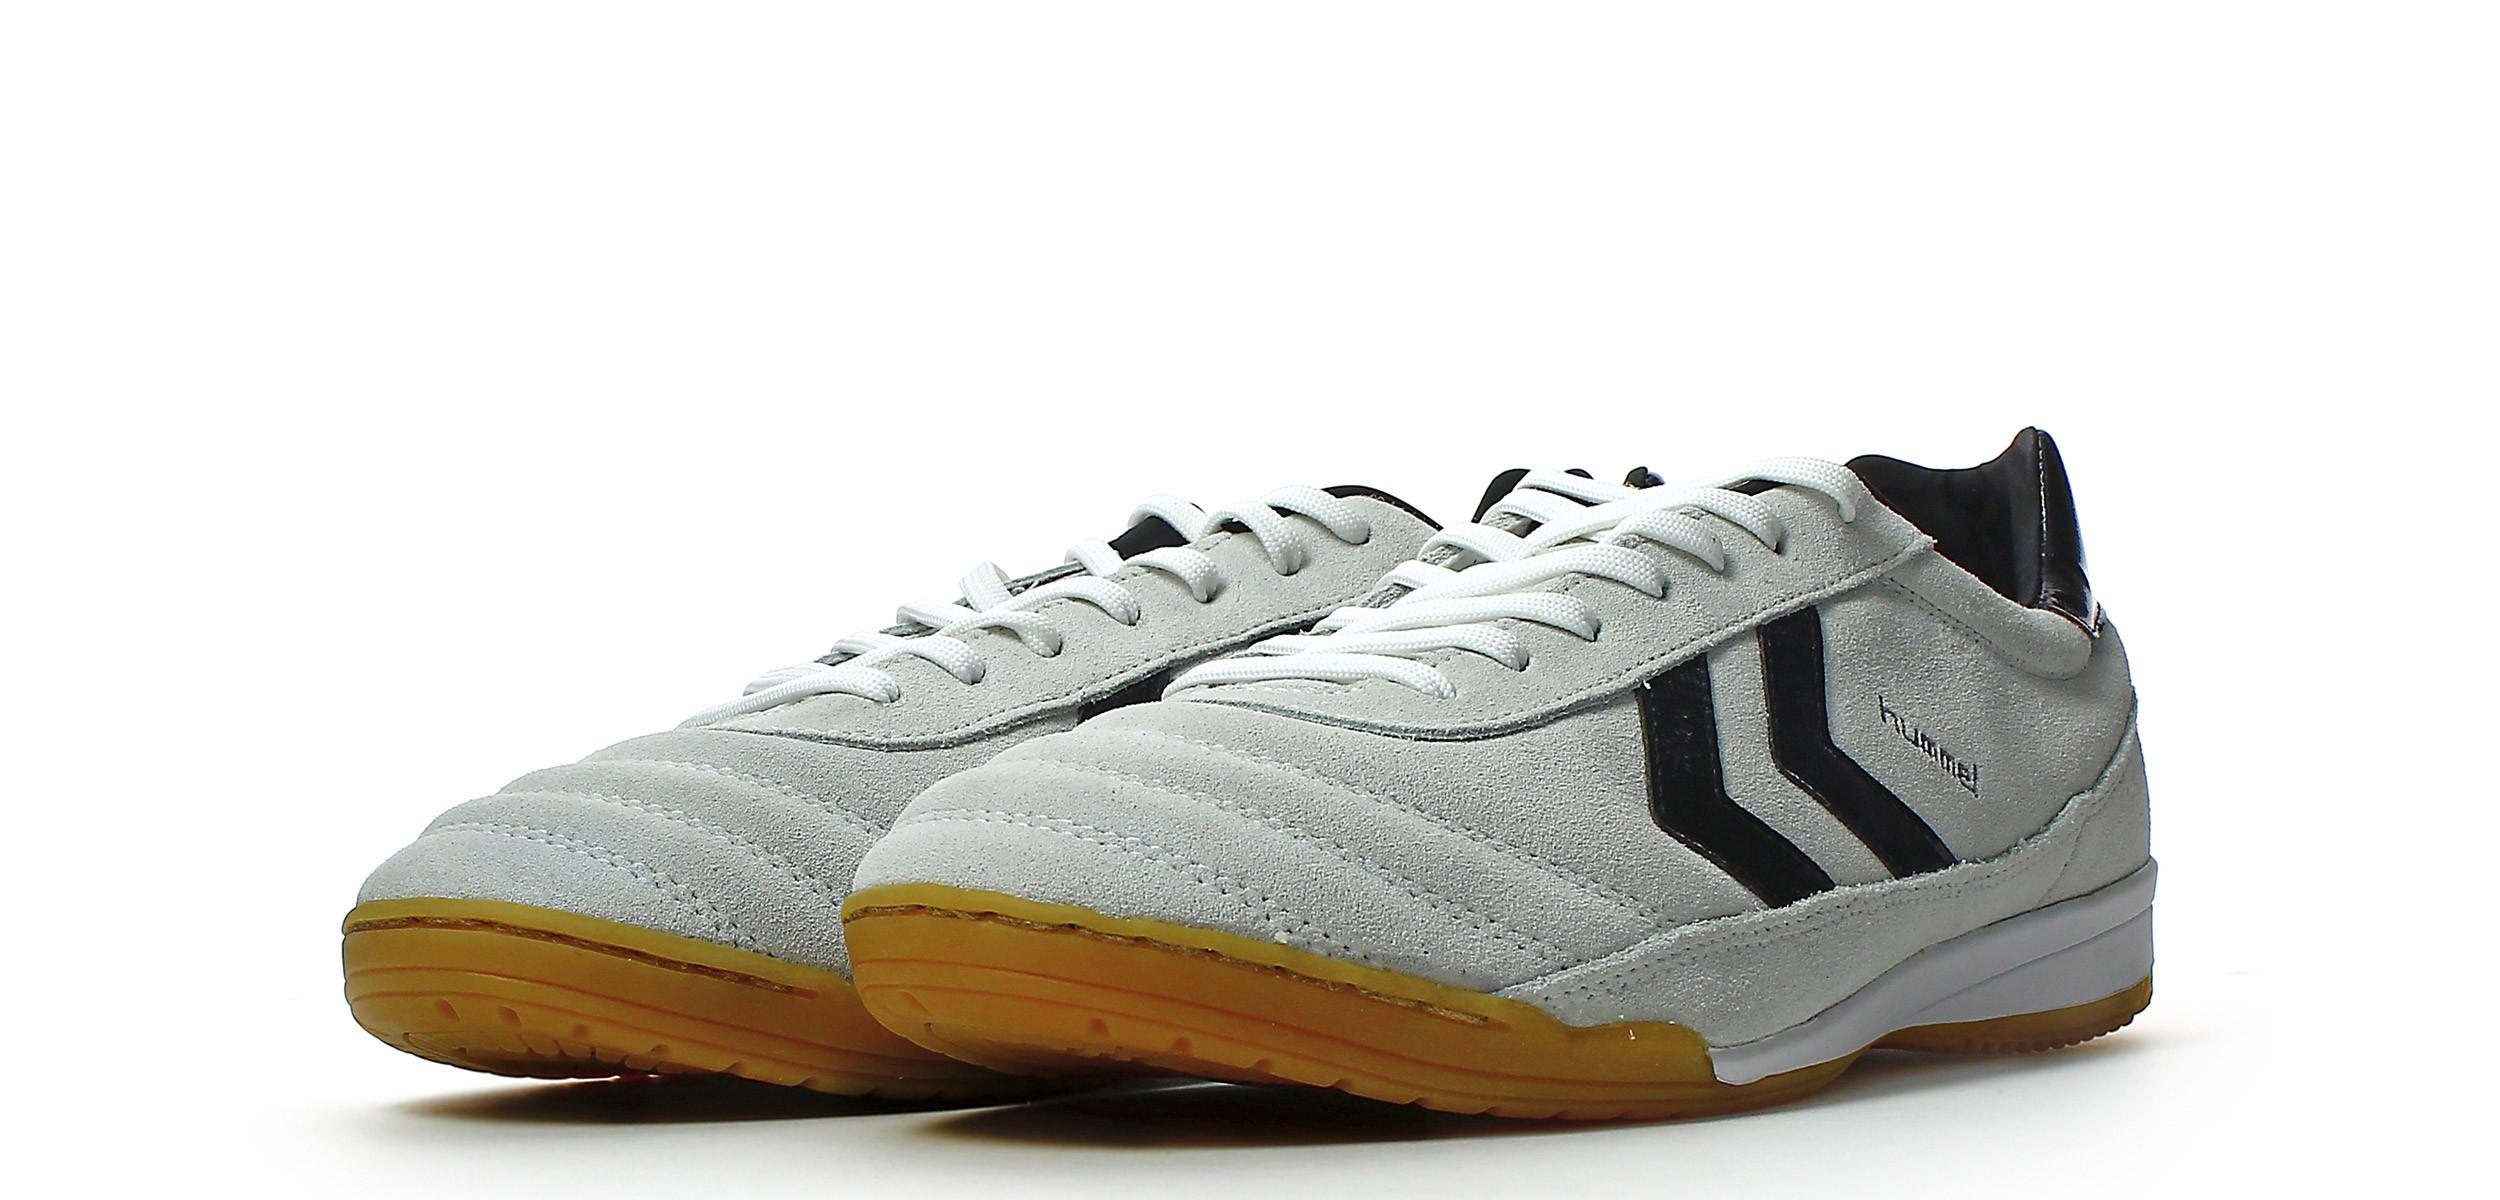 Zapatillas de fútbol sala Hummel Old School DK Futsal Suede - Gris - 613129124-Zapatillas de fútbol sala Hummel Old School DK Futsal Suede